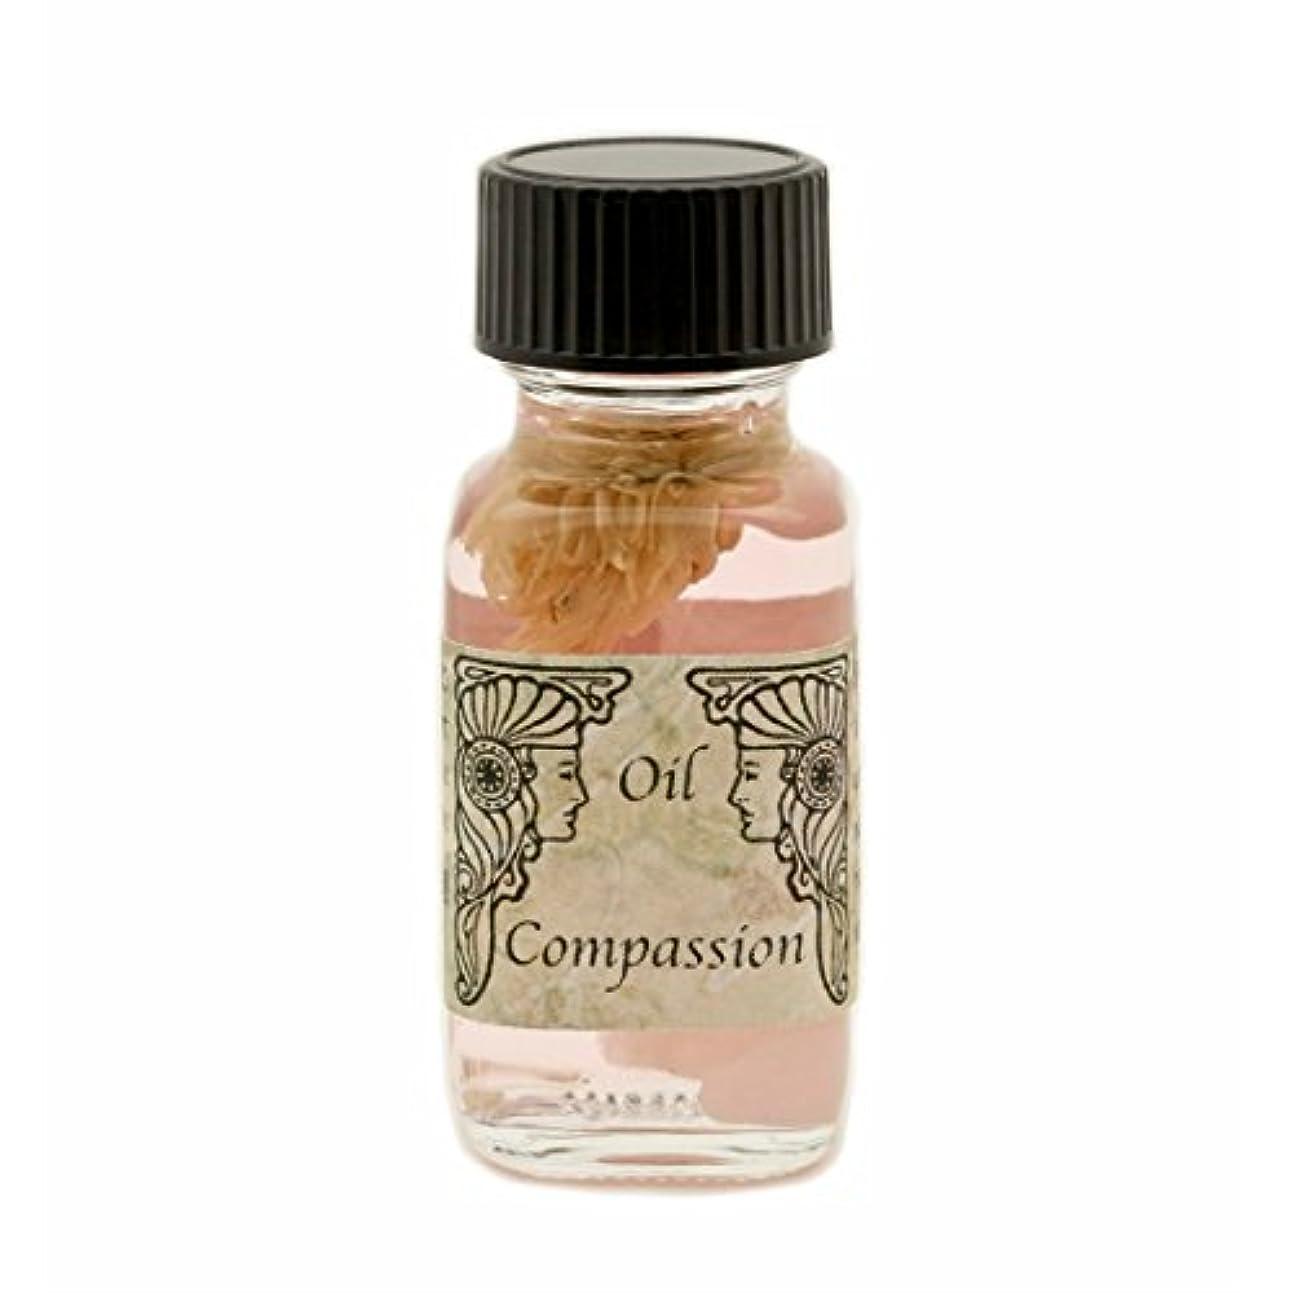 無数のスワップ仕立て屋アンシェントメモリーオイル コンパッション Compassion 思いやり 2017年新作 (Ancient Memory Oils)